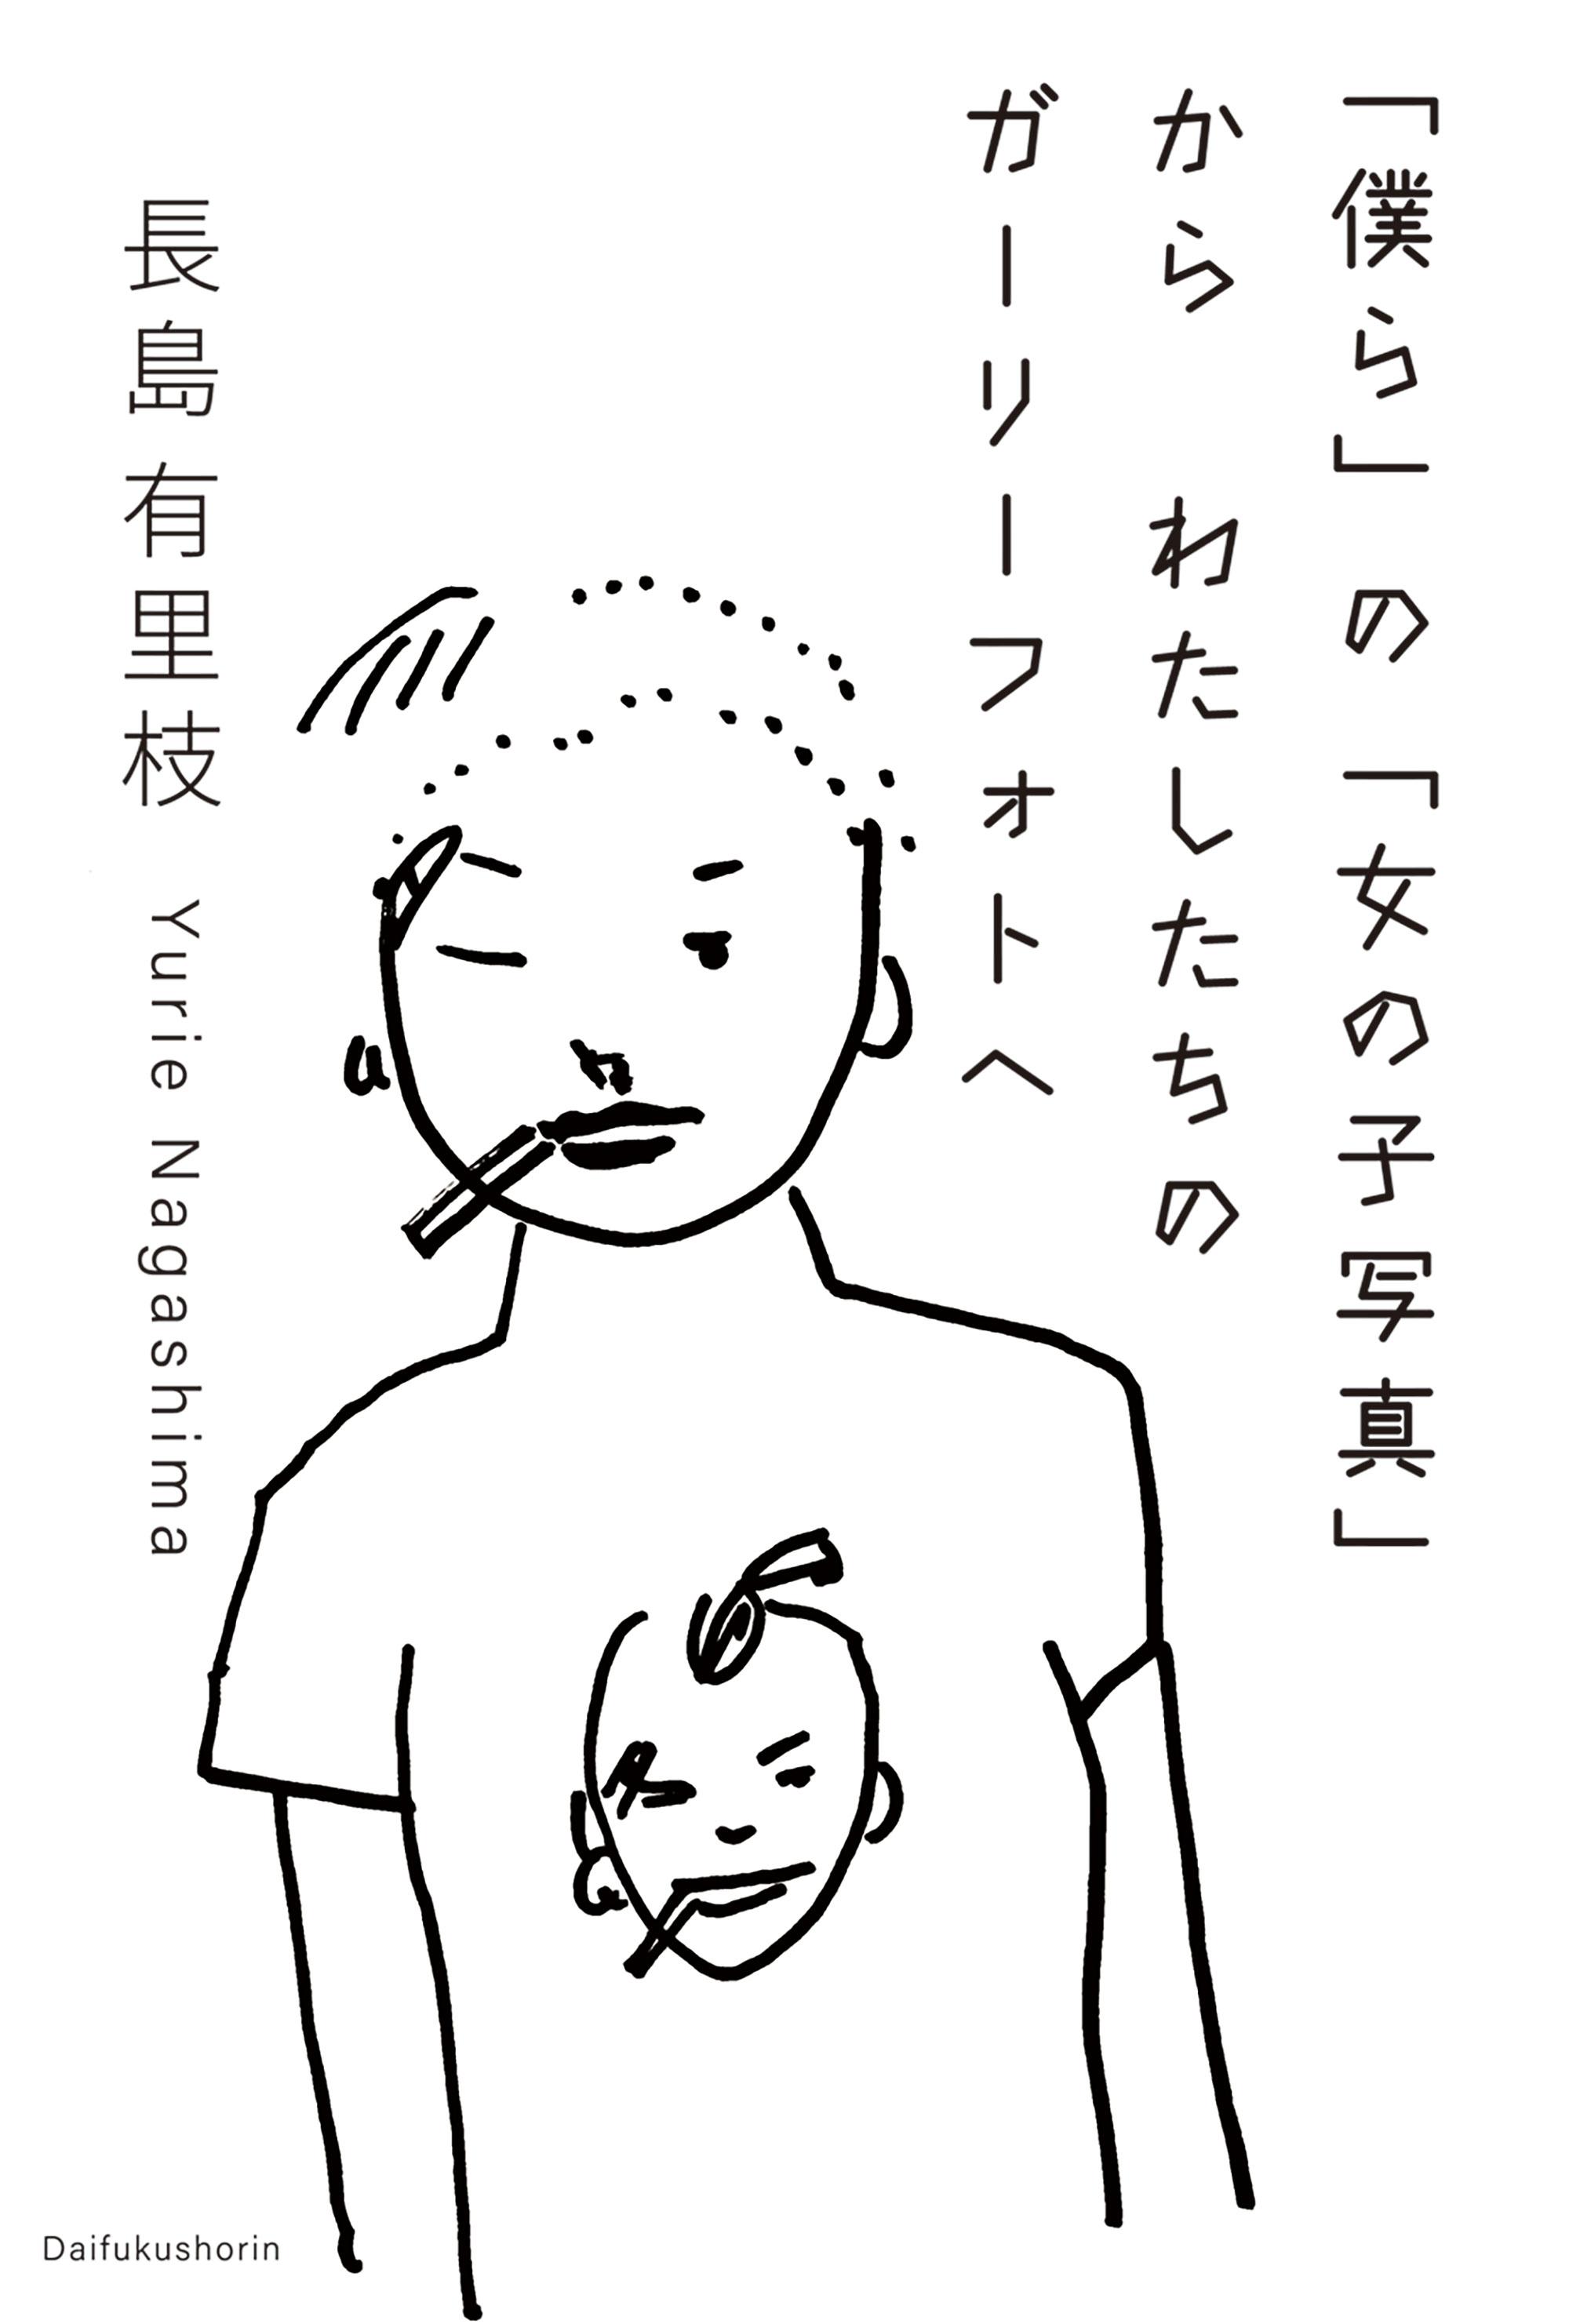 誰もやらないから、自分でやるしかない」 写真家・長島有里枝が言葉で語り続ける理由   Portraits   THE FASHION POST